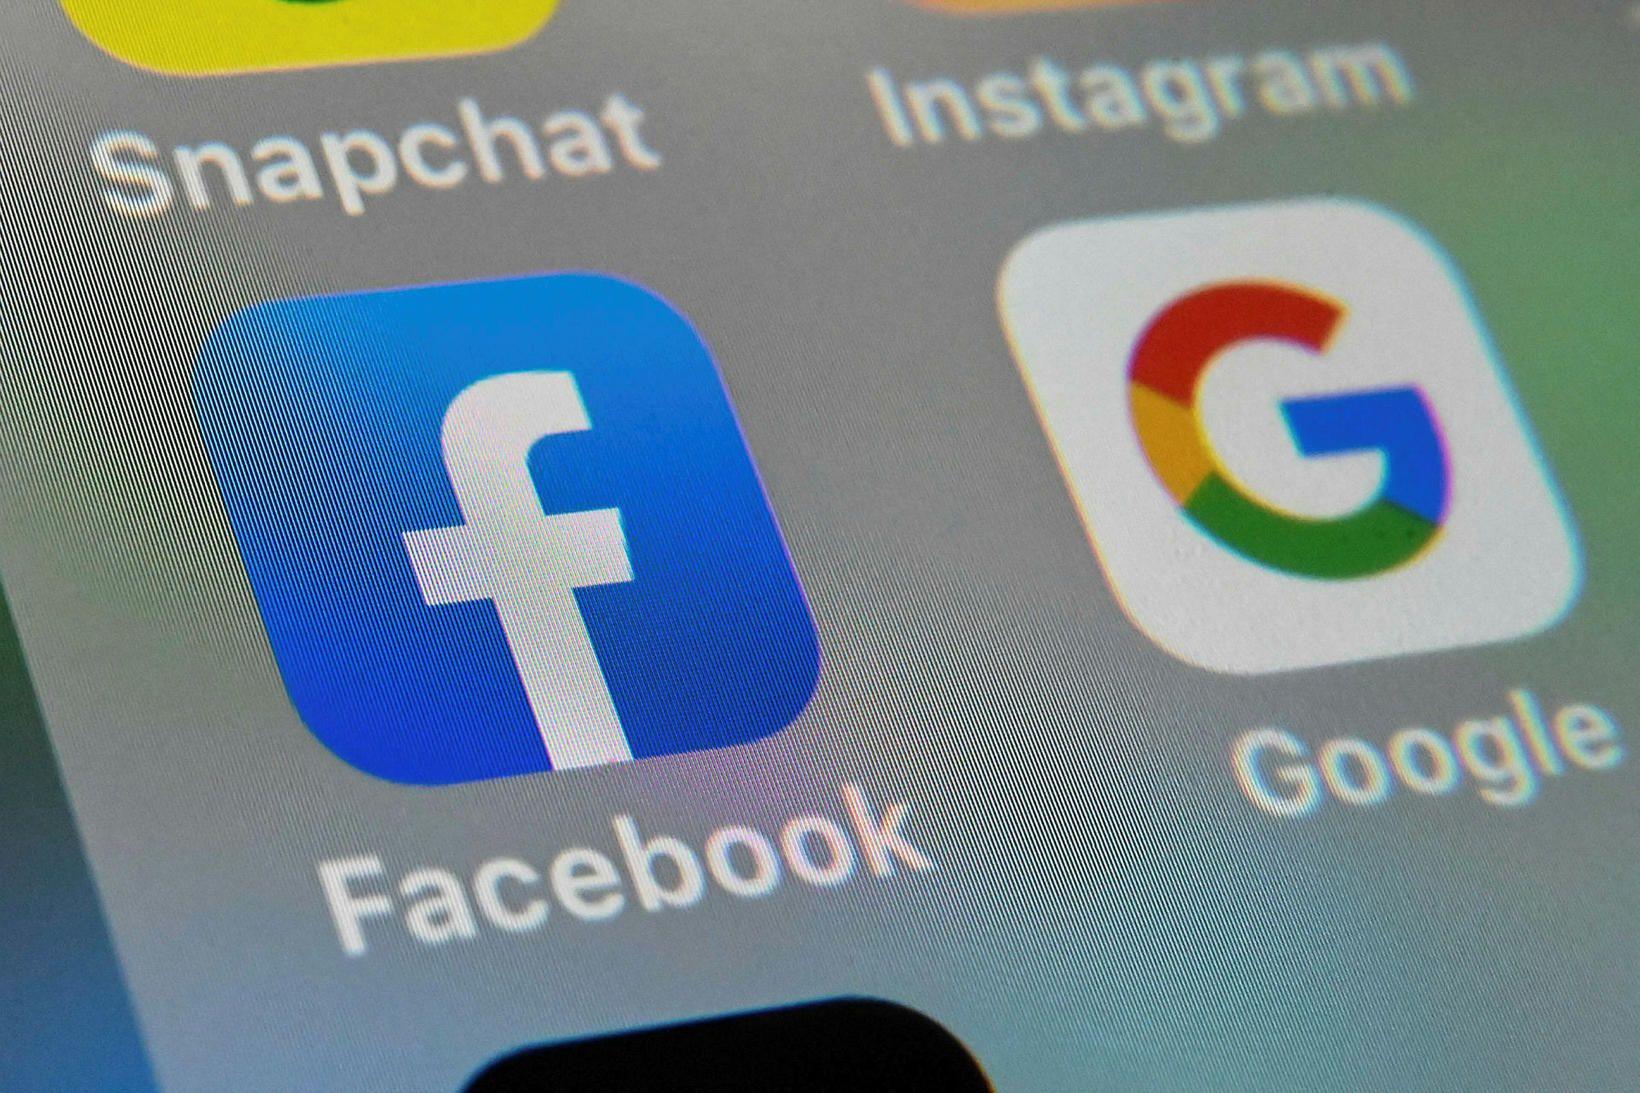 Facebook taldi að mögulega væri verið að brjóta á þeim …